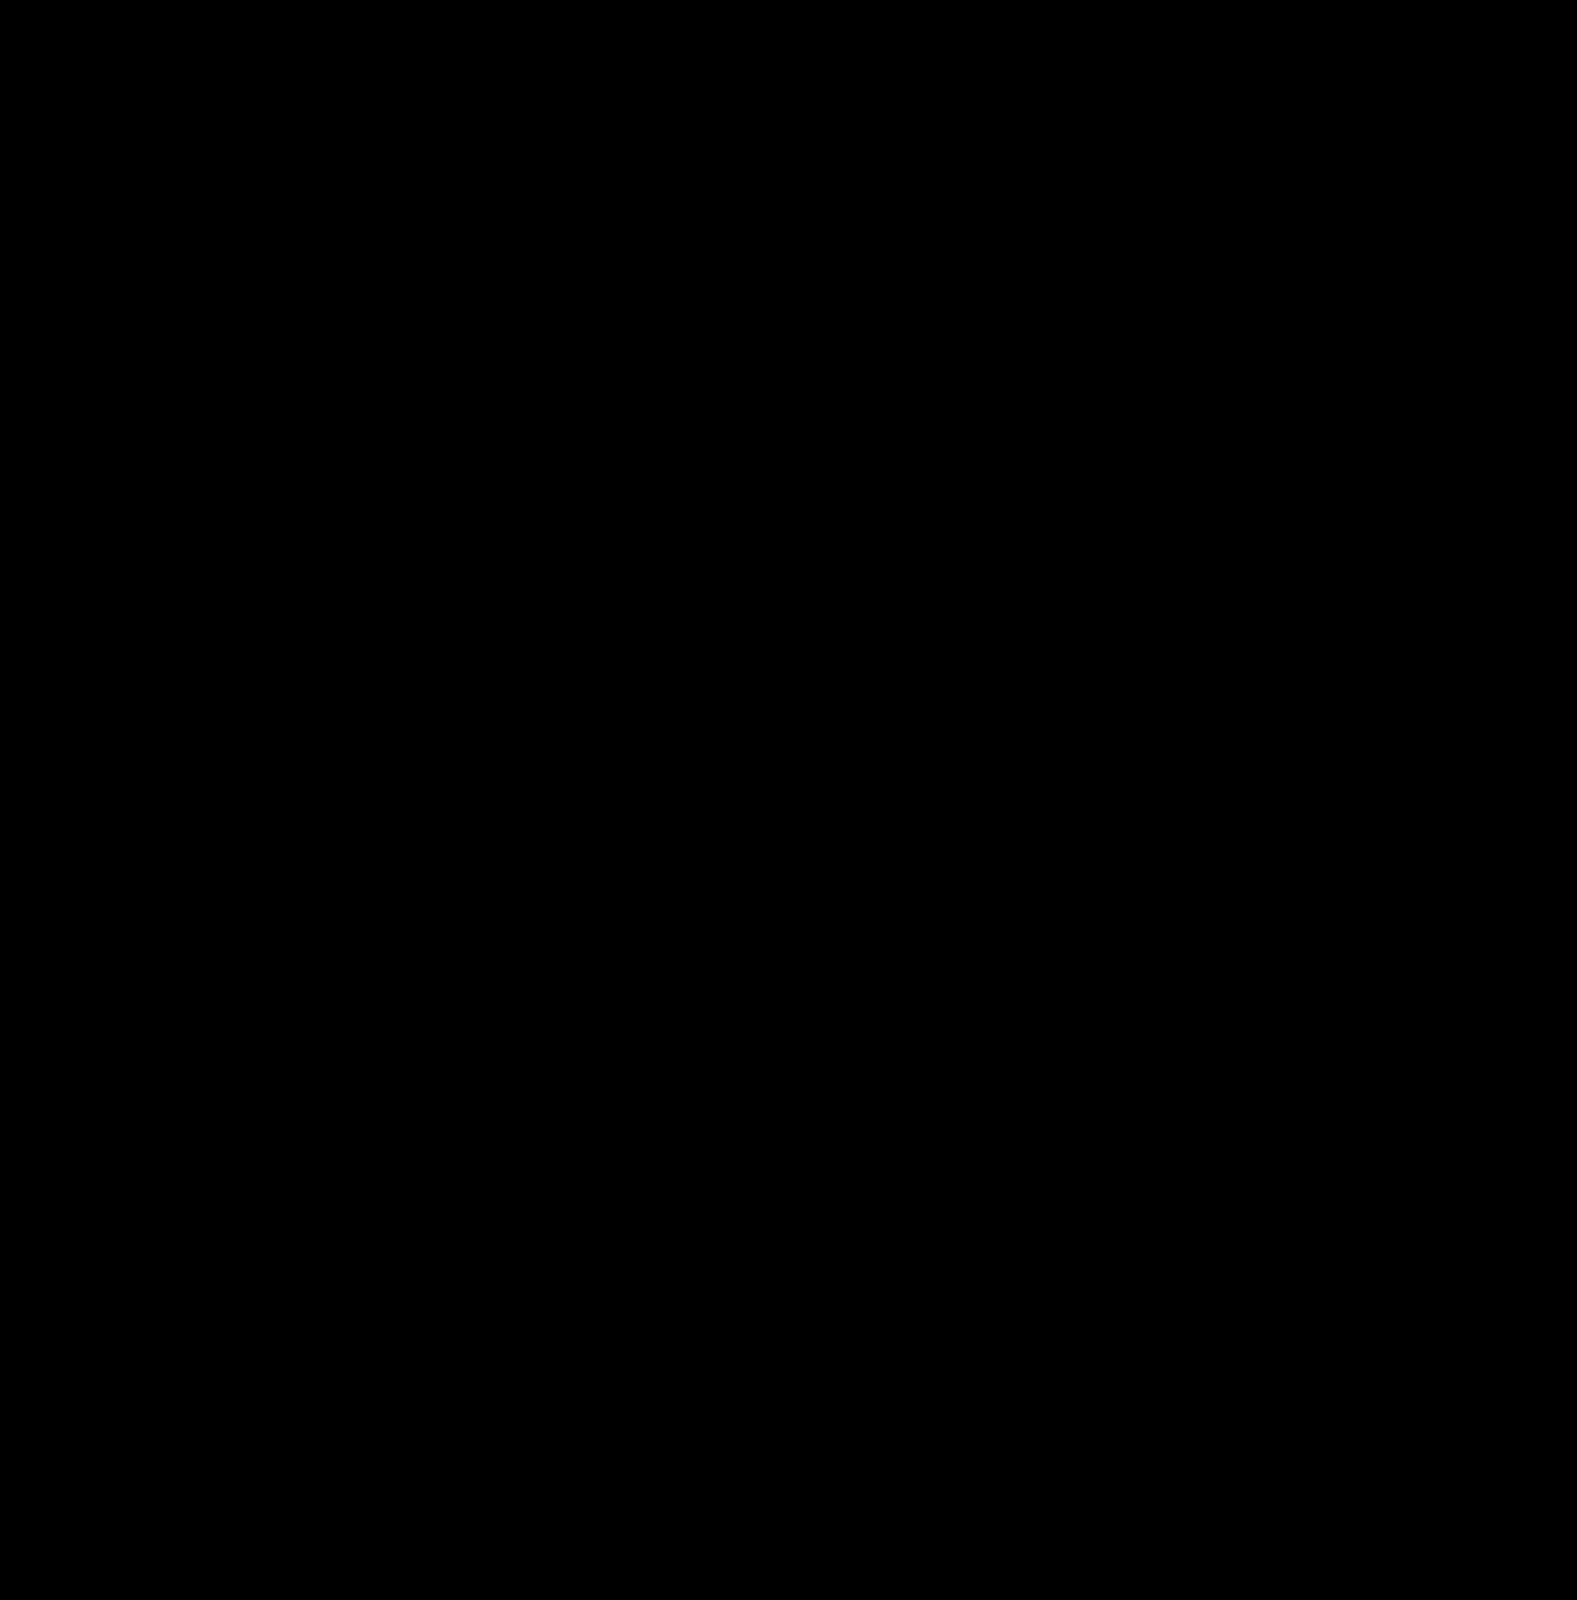 Campana Sobre Campanas Sax 1 Png 1577 1600 Villancico Campanita Partituras